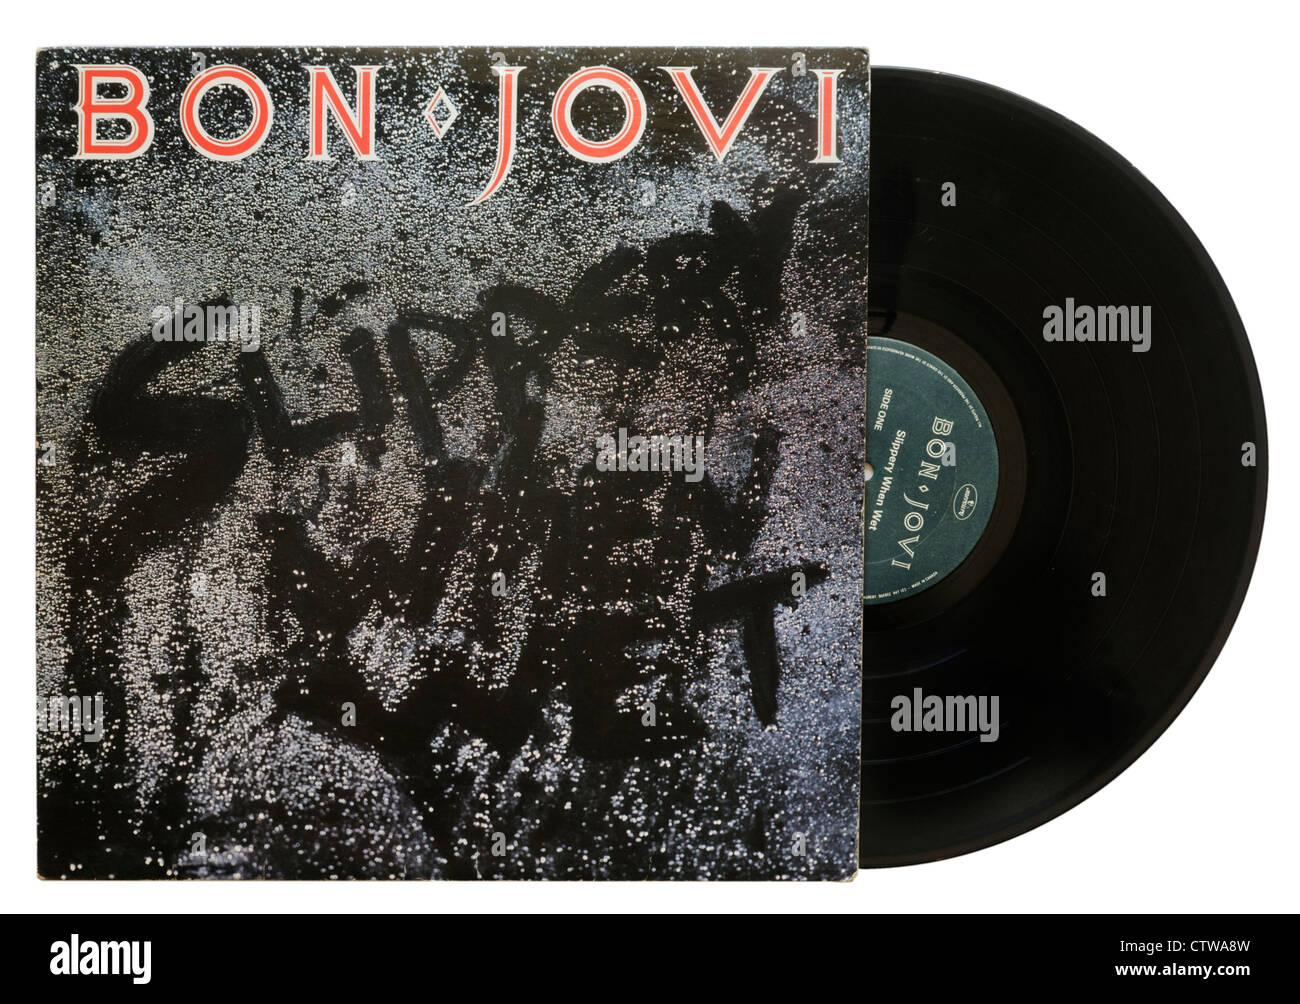 Slippery When Wet por Jon Jovi Imagen De Stock